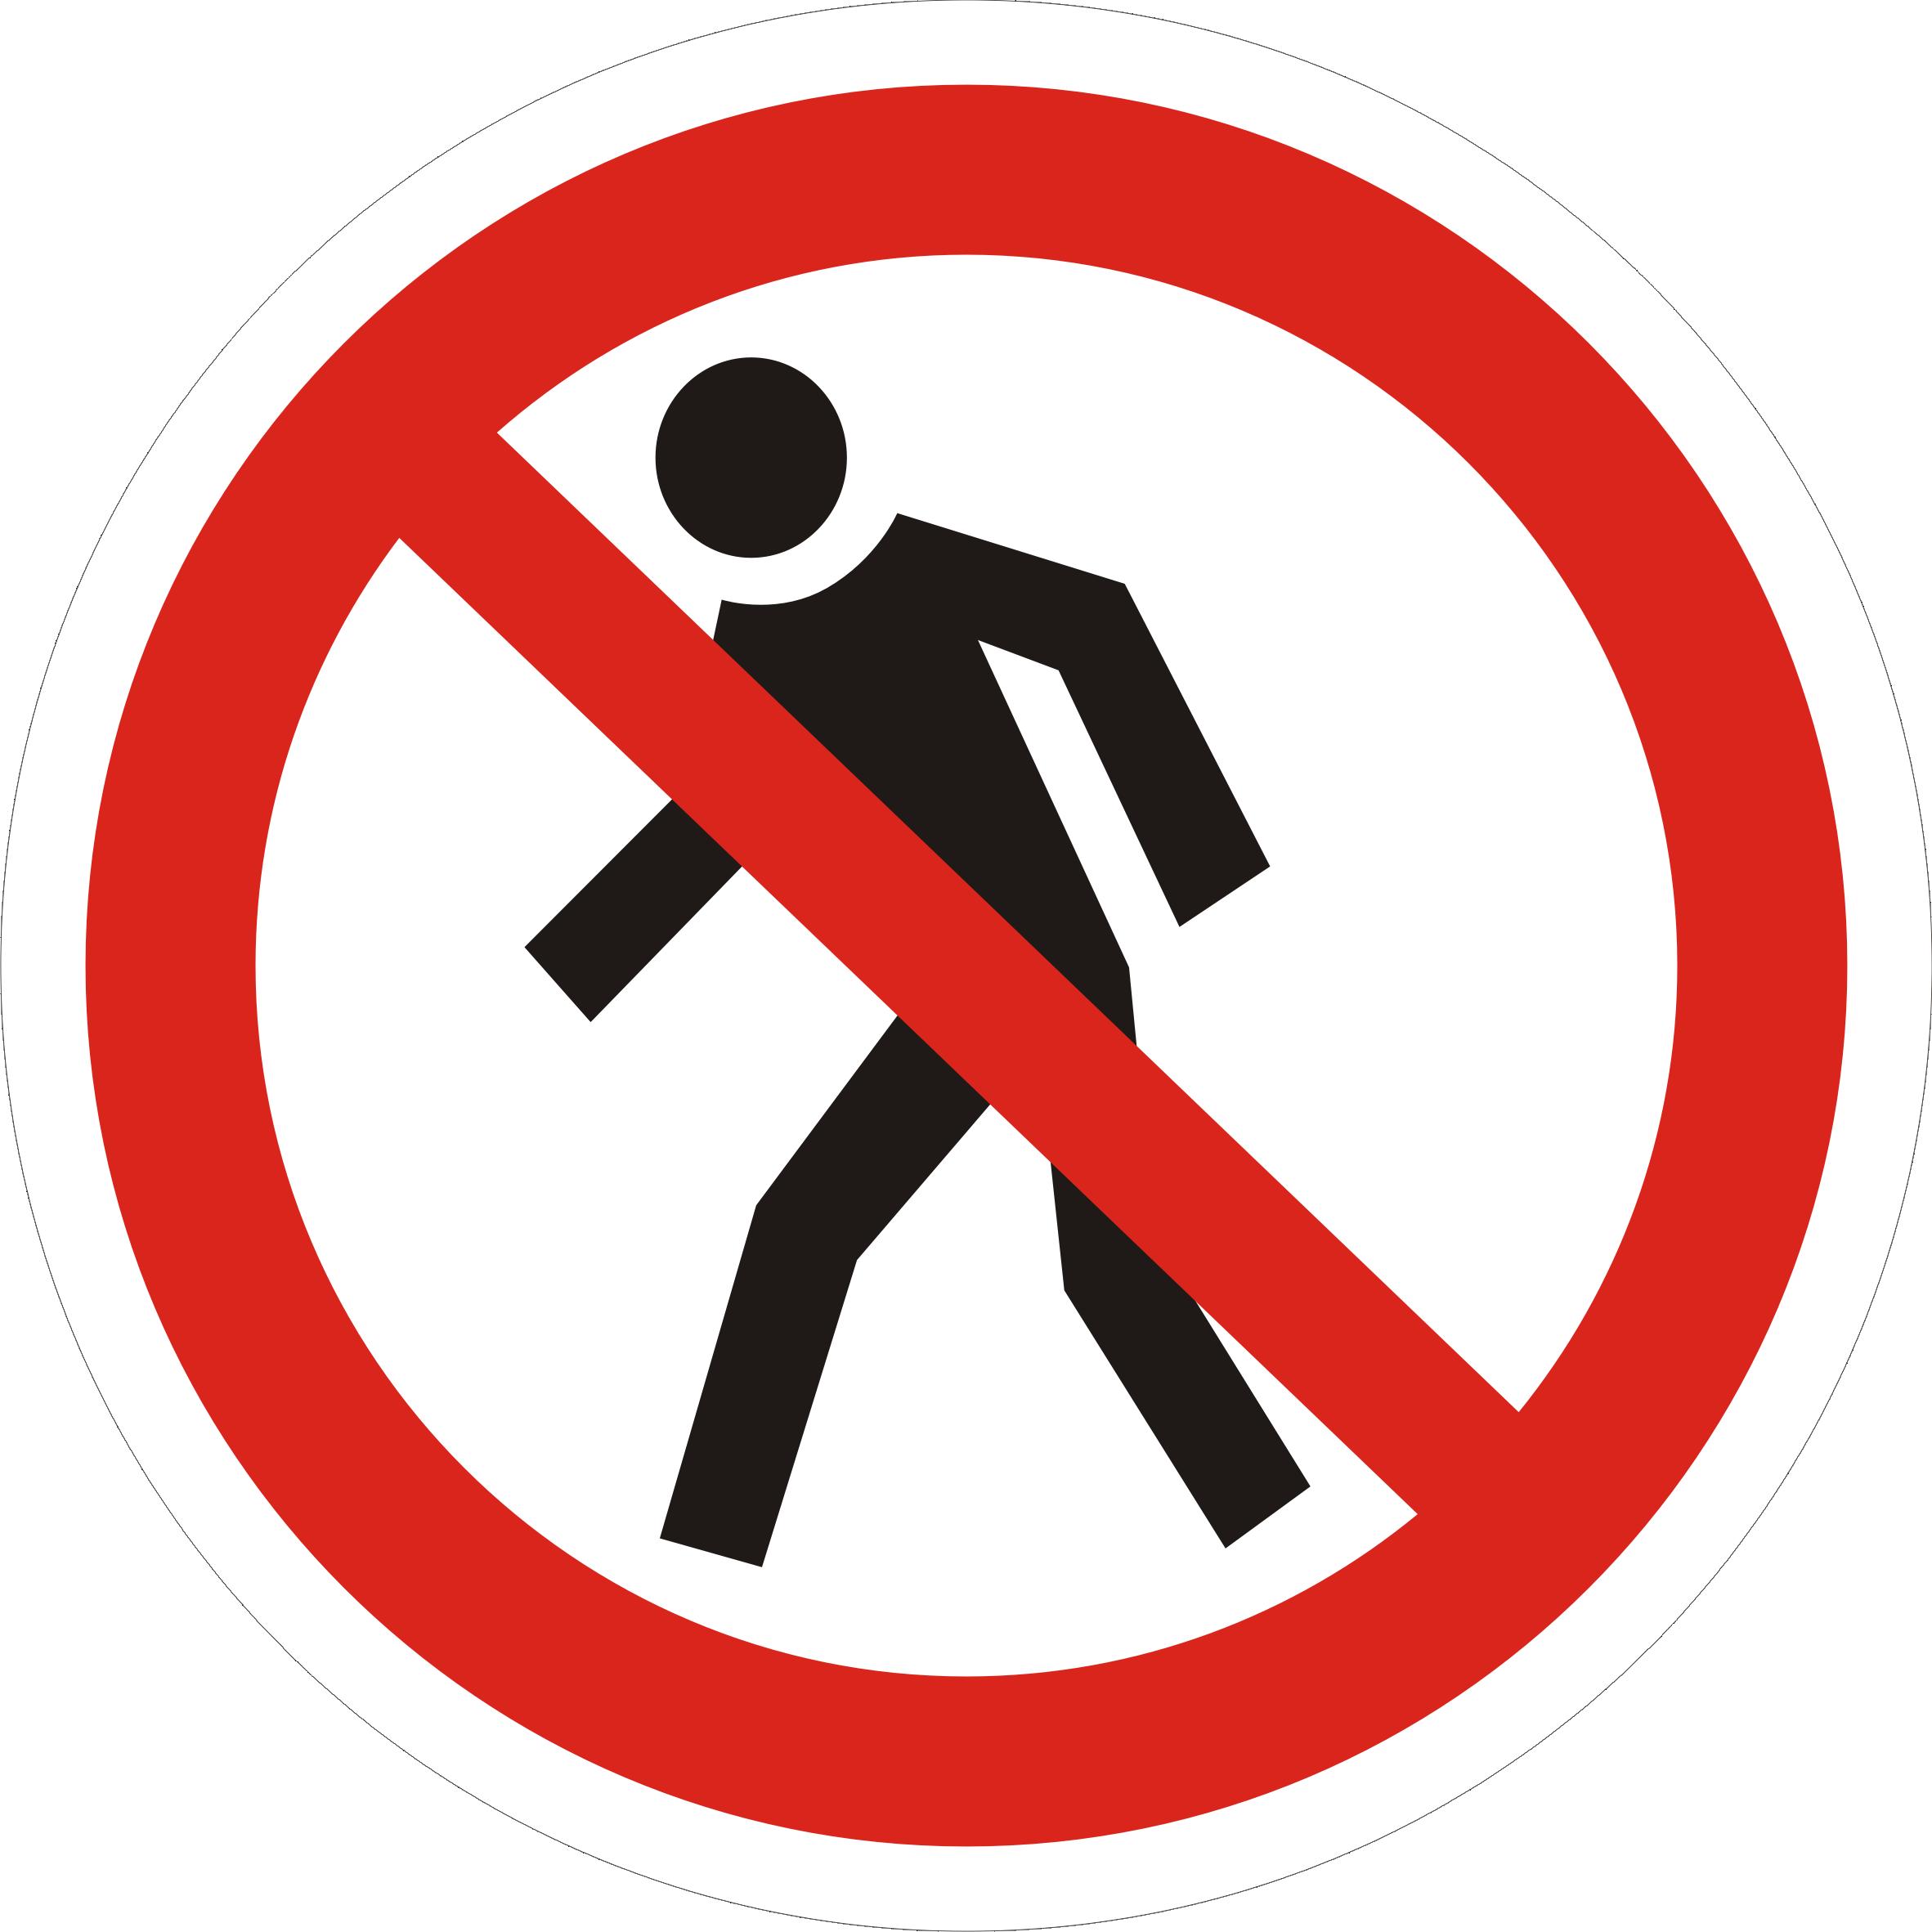 Проход воспрещен - знак